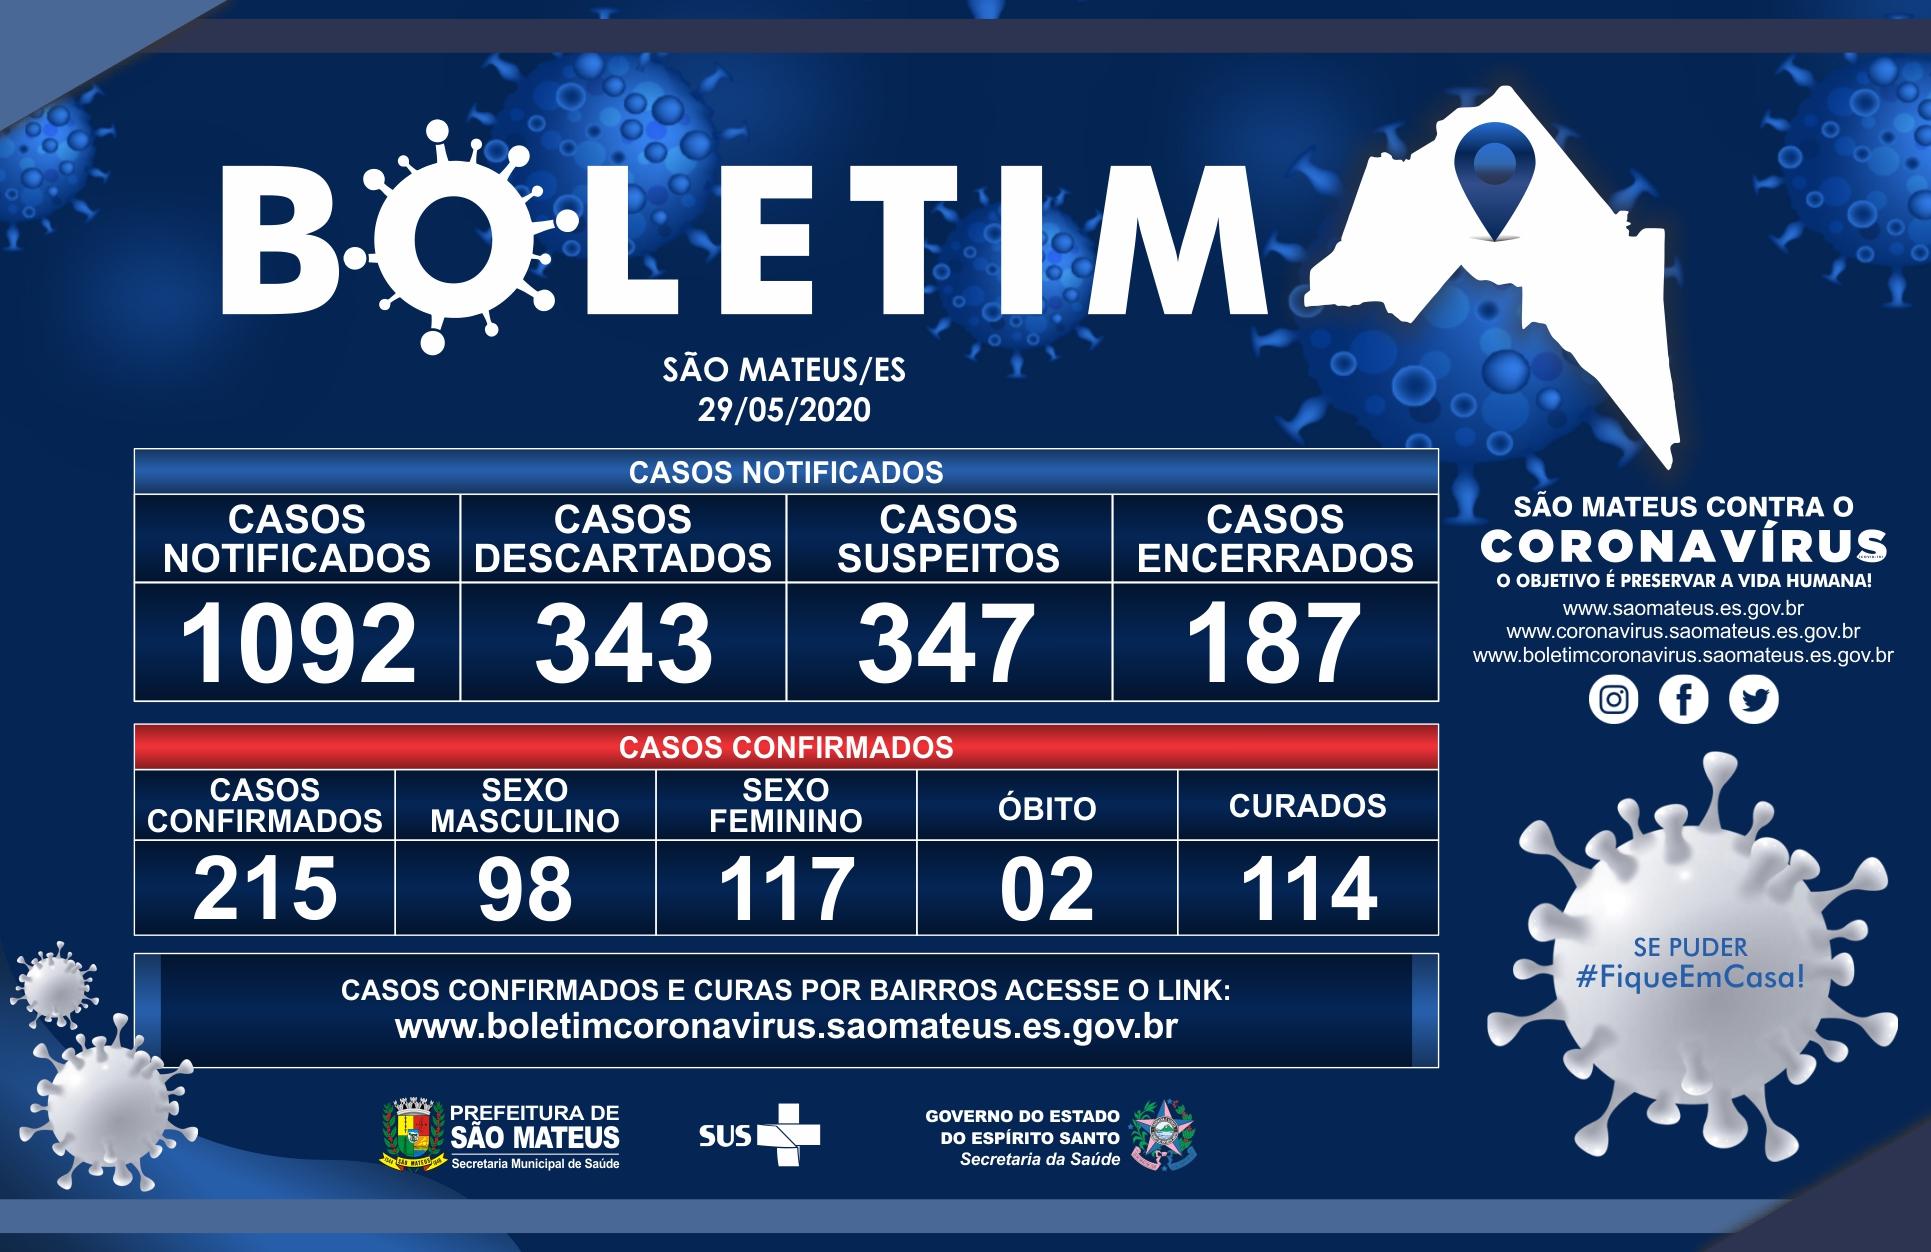 SÃO MATEUS REGISTRA MAIS 6 CASOS DE CORONAVÍRUS NESTA SEXTA-FEIRA